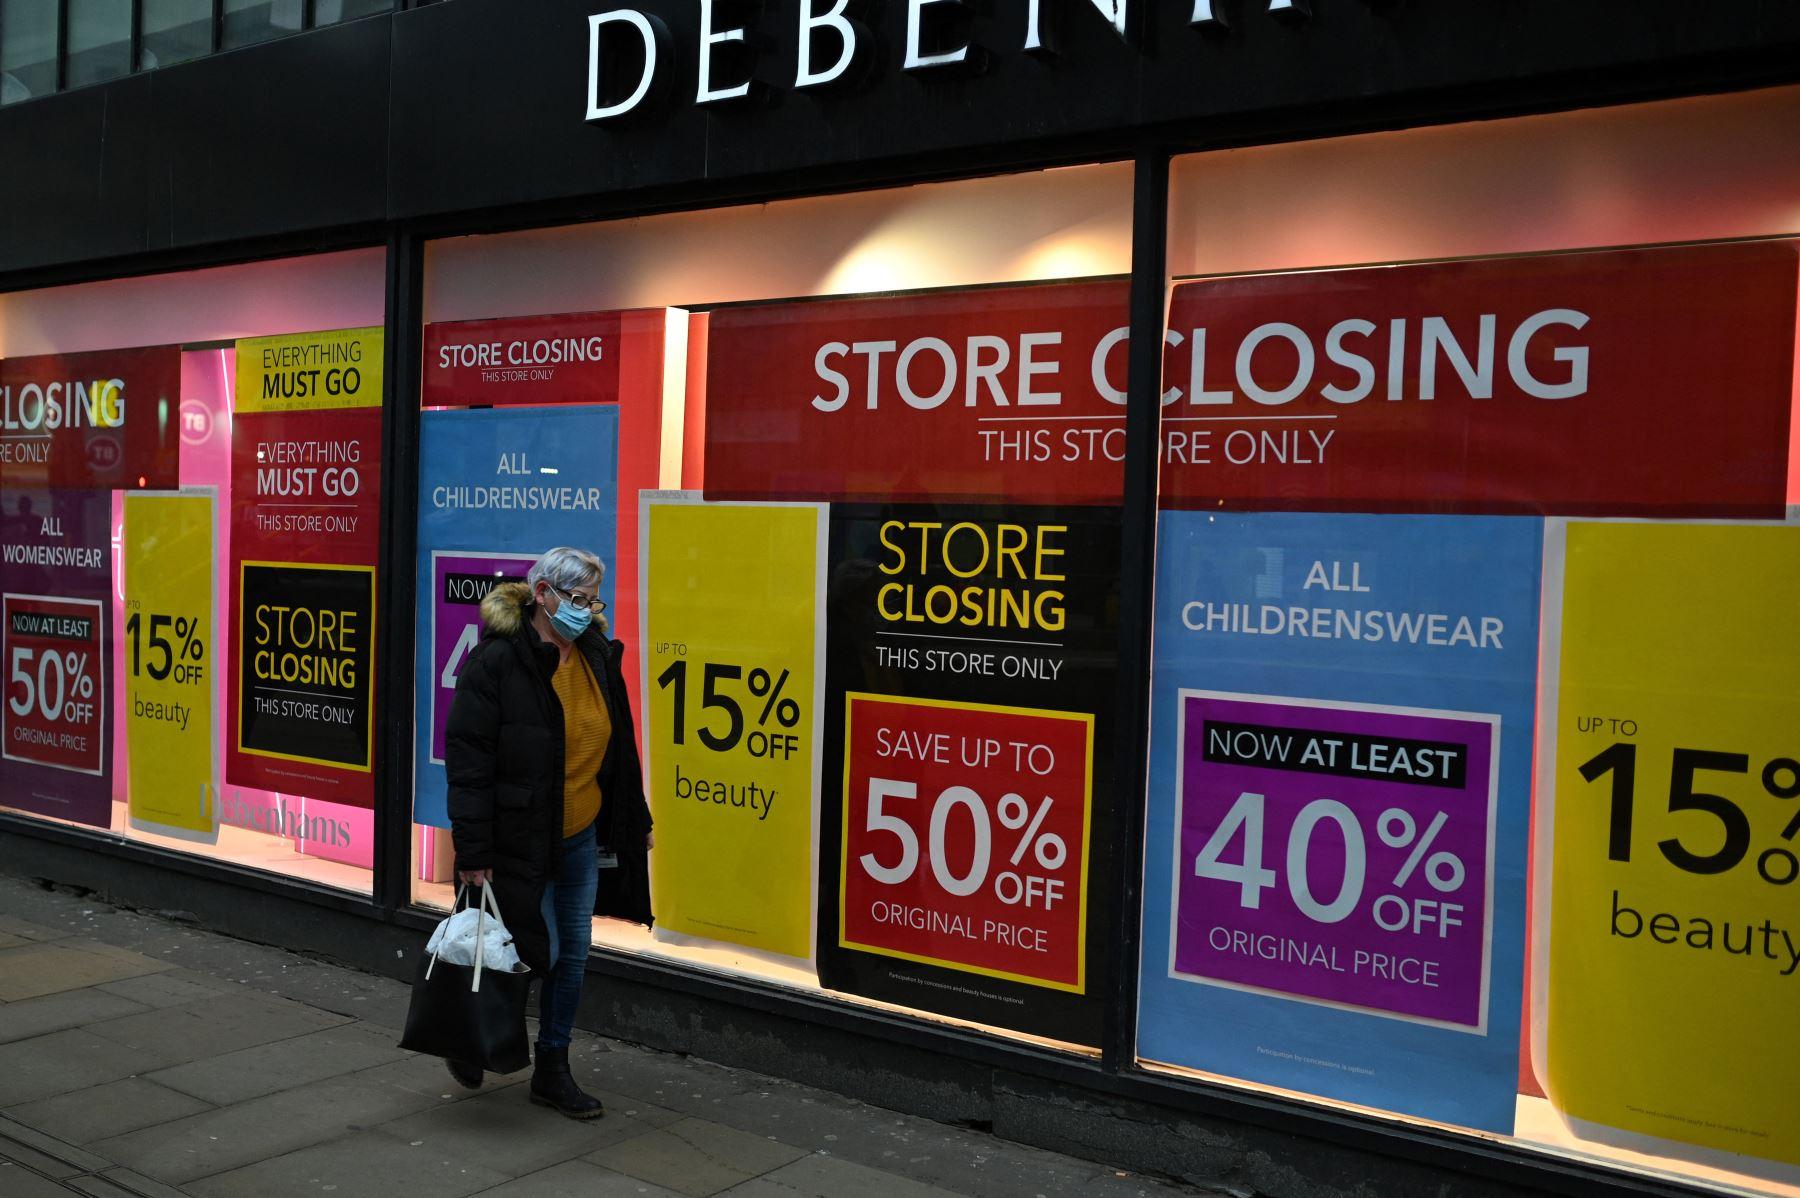 Un peatón pasa junto a los carteles de rebajas en las ventanas de Debenhams en el centro de la ciudad de Manchester el 19 de febrero de 2021, mientras la vida continúa bajo el tercer bloqueo británico. Foto: AFP